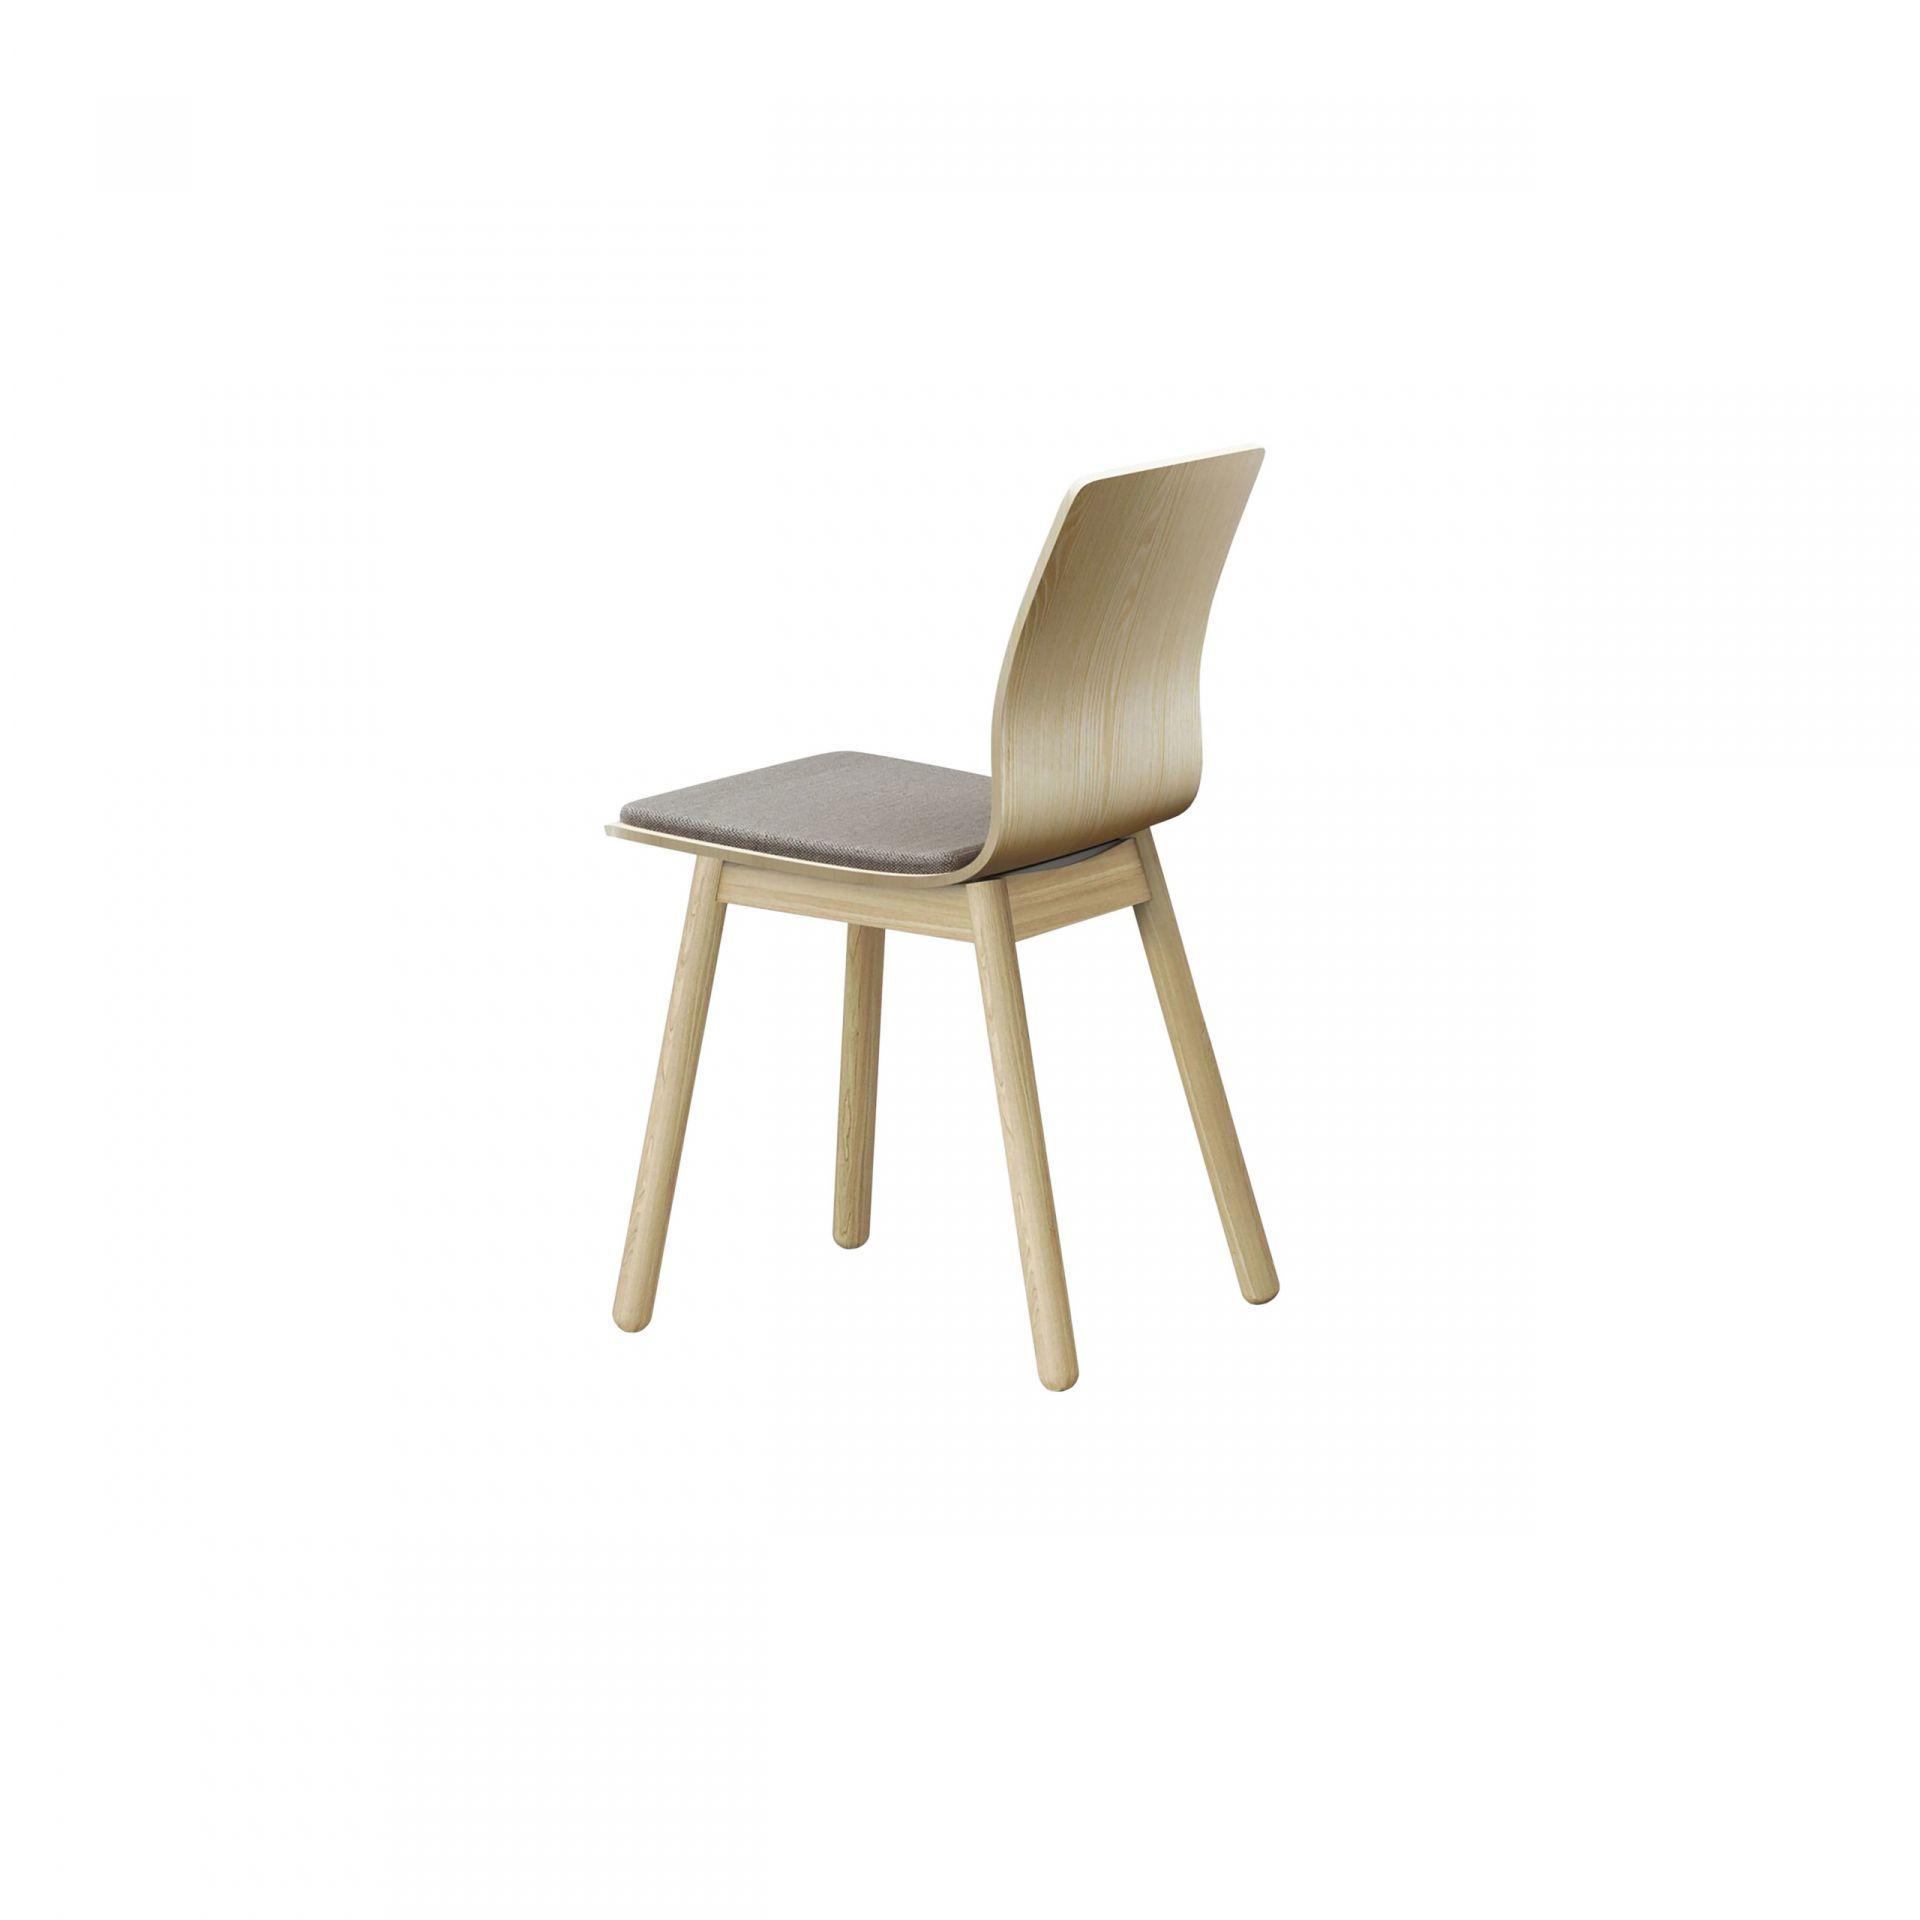 Nova Stol med träben produktbild 2